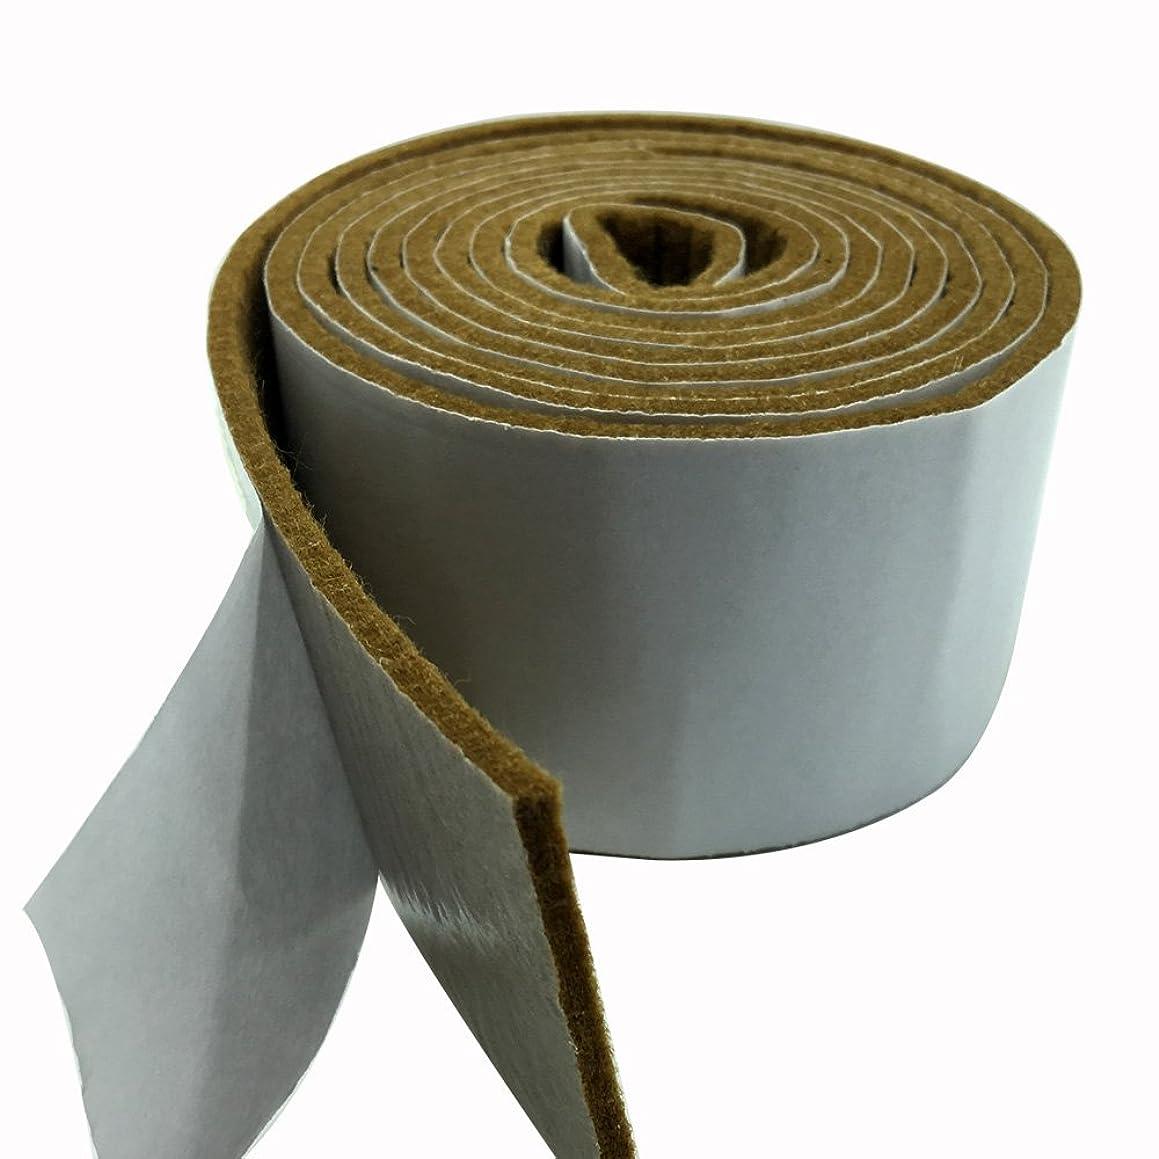 出血到着するスピーチTetedeer 床のキズ防止テープ 自由にカットして使用可 幅5cm 長200cm (ブラウン)